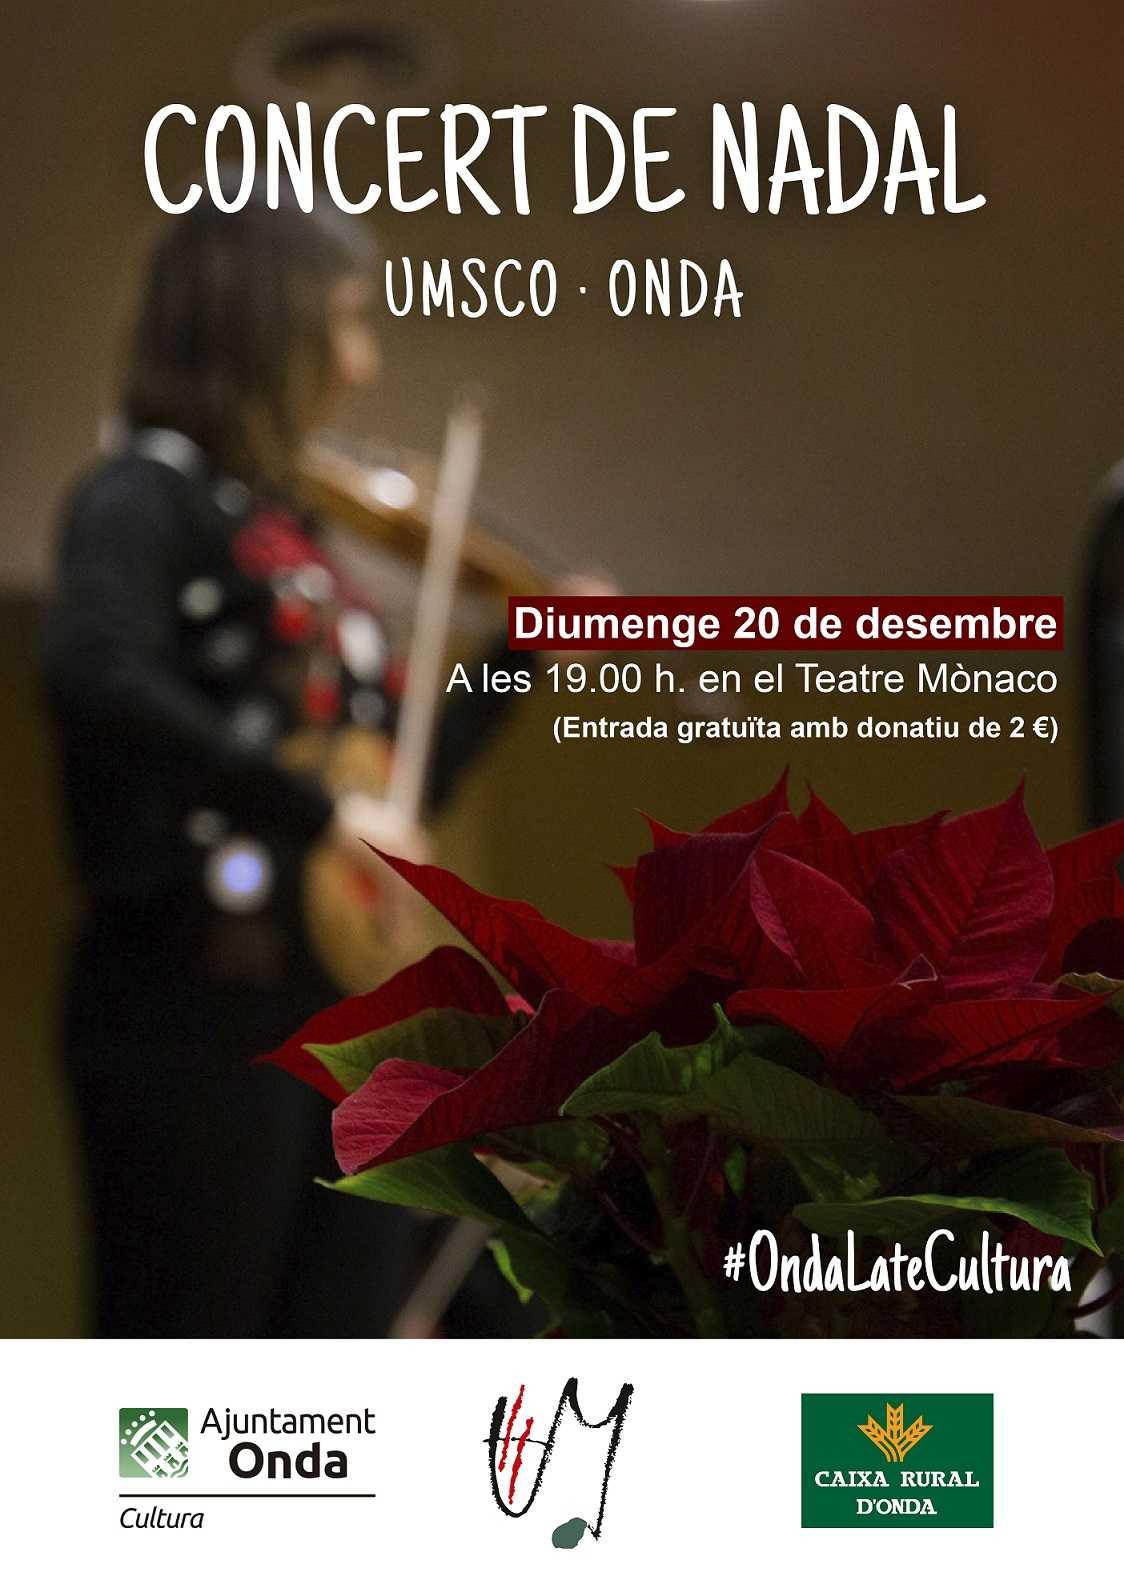 Navidad en Onda 2020/21